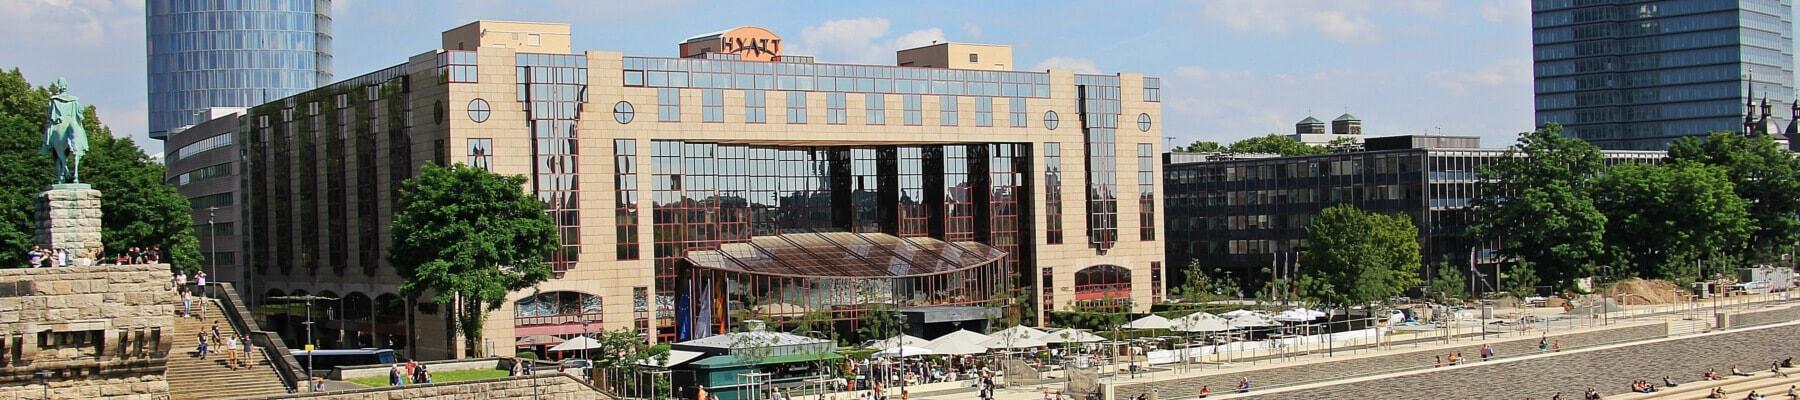 Köln Hyatt Hotel